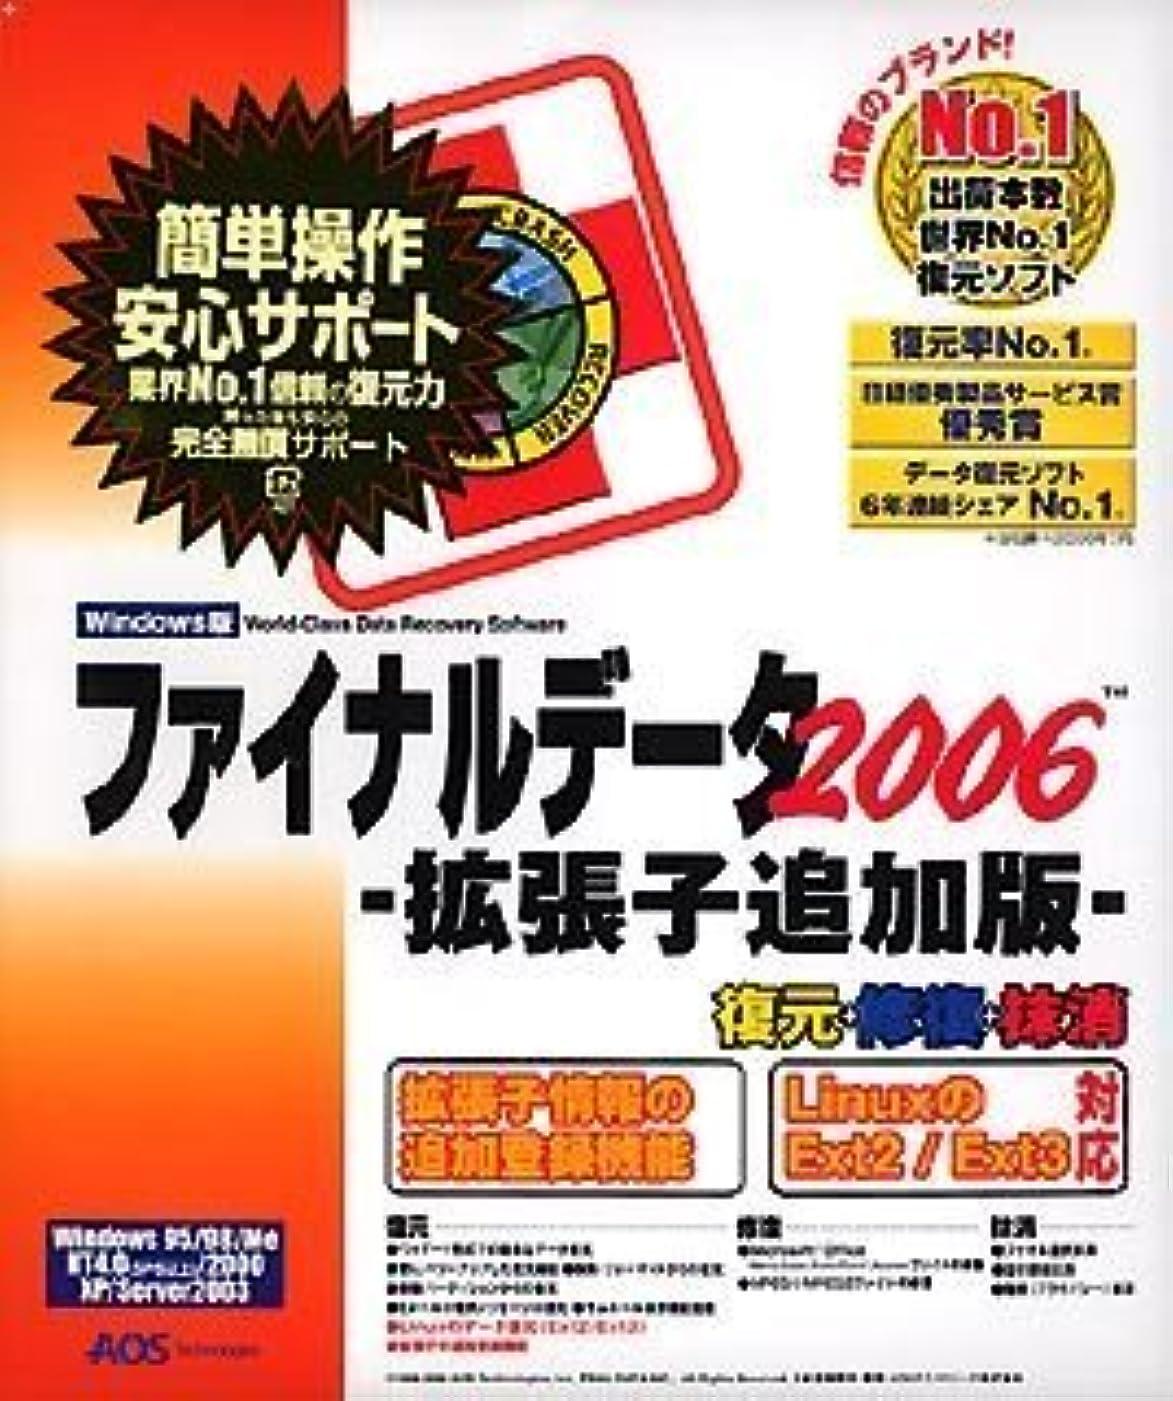 利益オリエンタル近くファイナルデータ2006 拡張子追加版